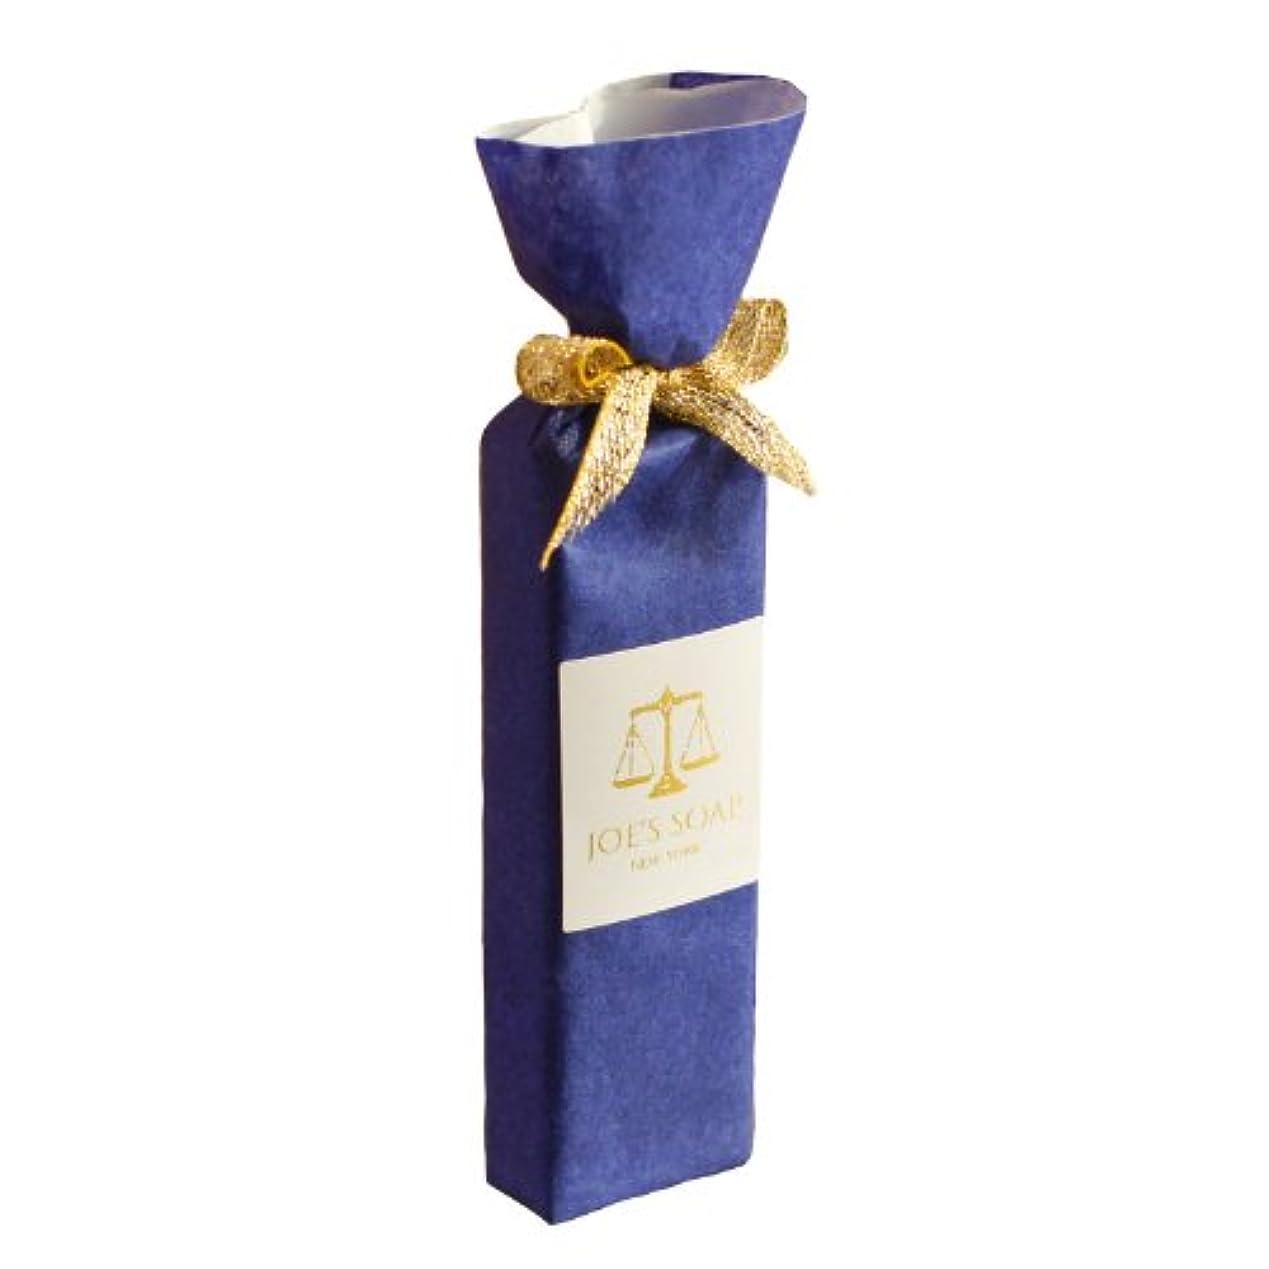 音節結婚する道路を作るプロセスJOE'S SOAP ジョーズソープ オリーブソープ NO.5 LAVENDER ラベンダー20g お試し トライアル 無添加  石鹸 オーガニック 保湿 洗顔 乾燥肌 敏感肌